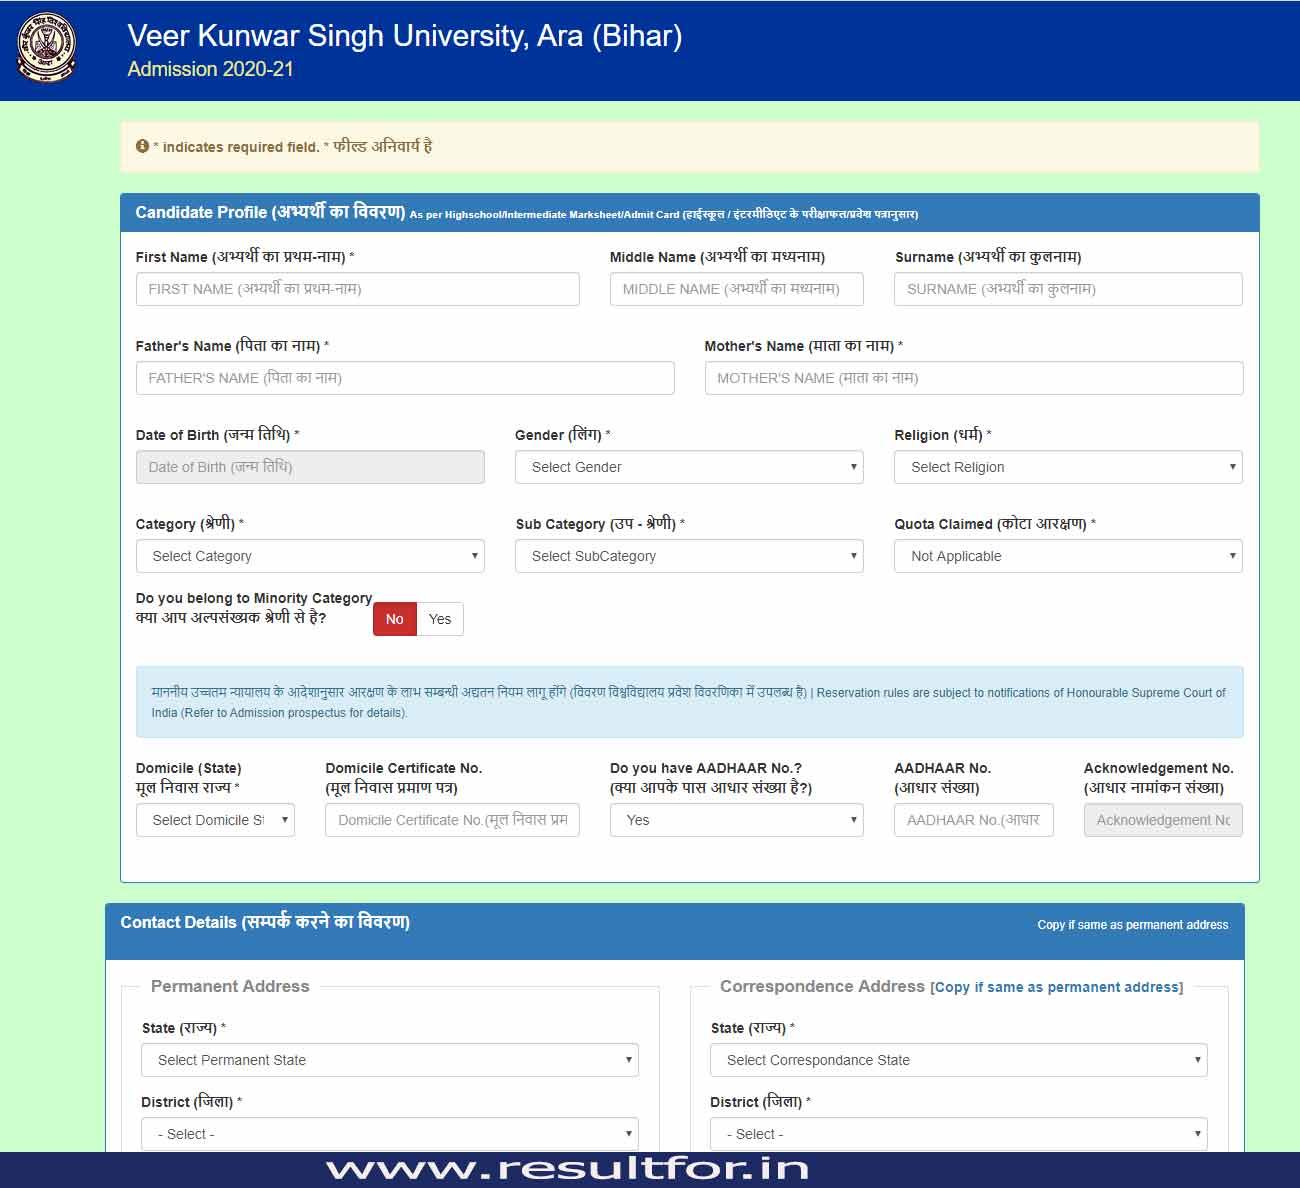 VKSU-UG-Admission-Application-form-filling-details